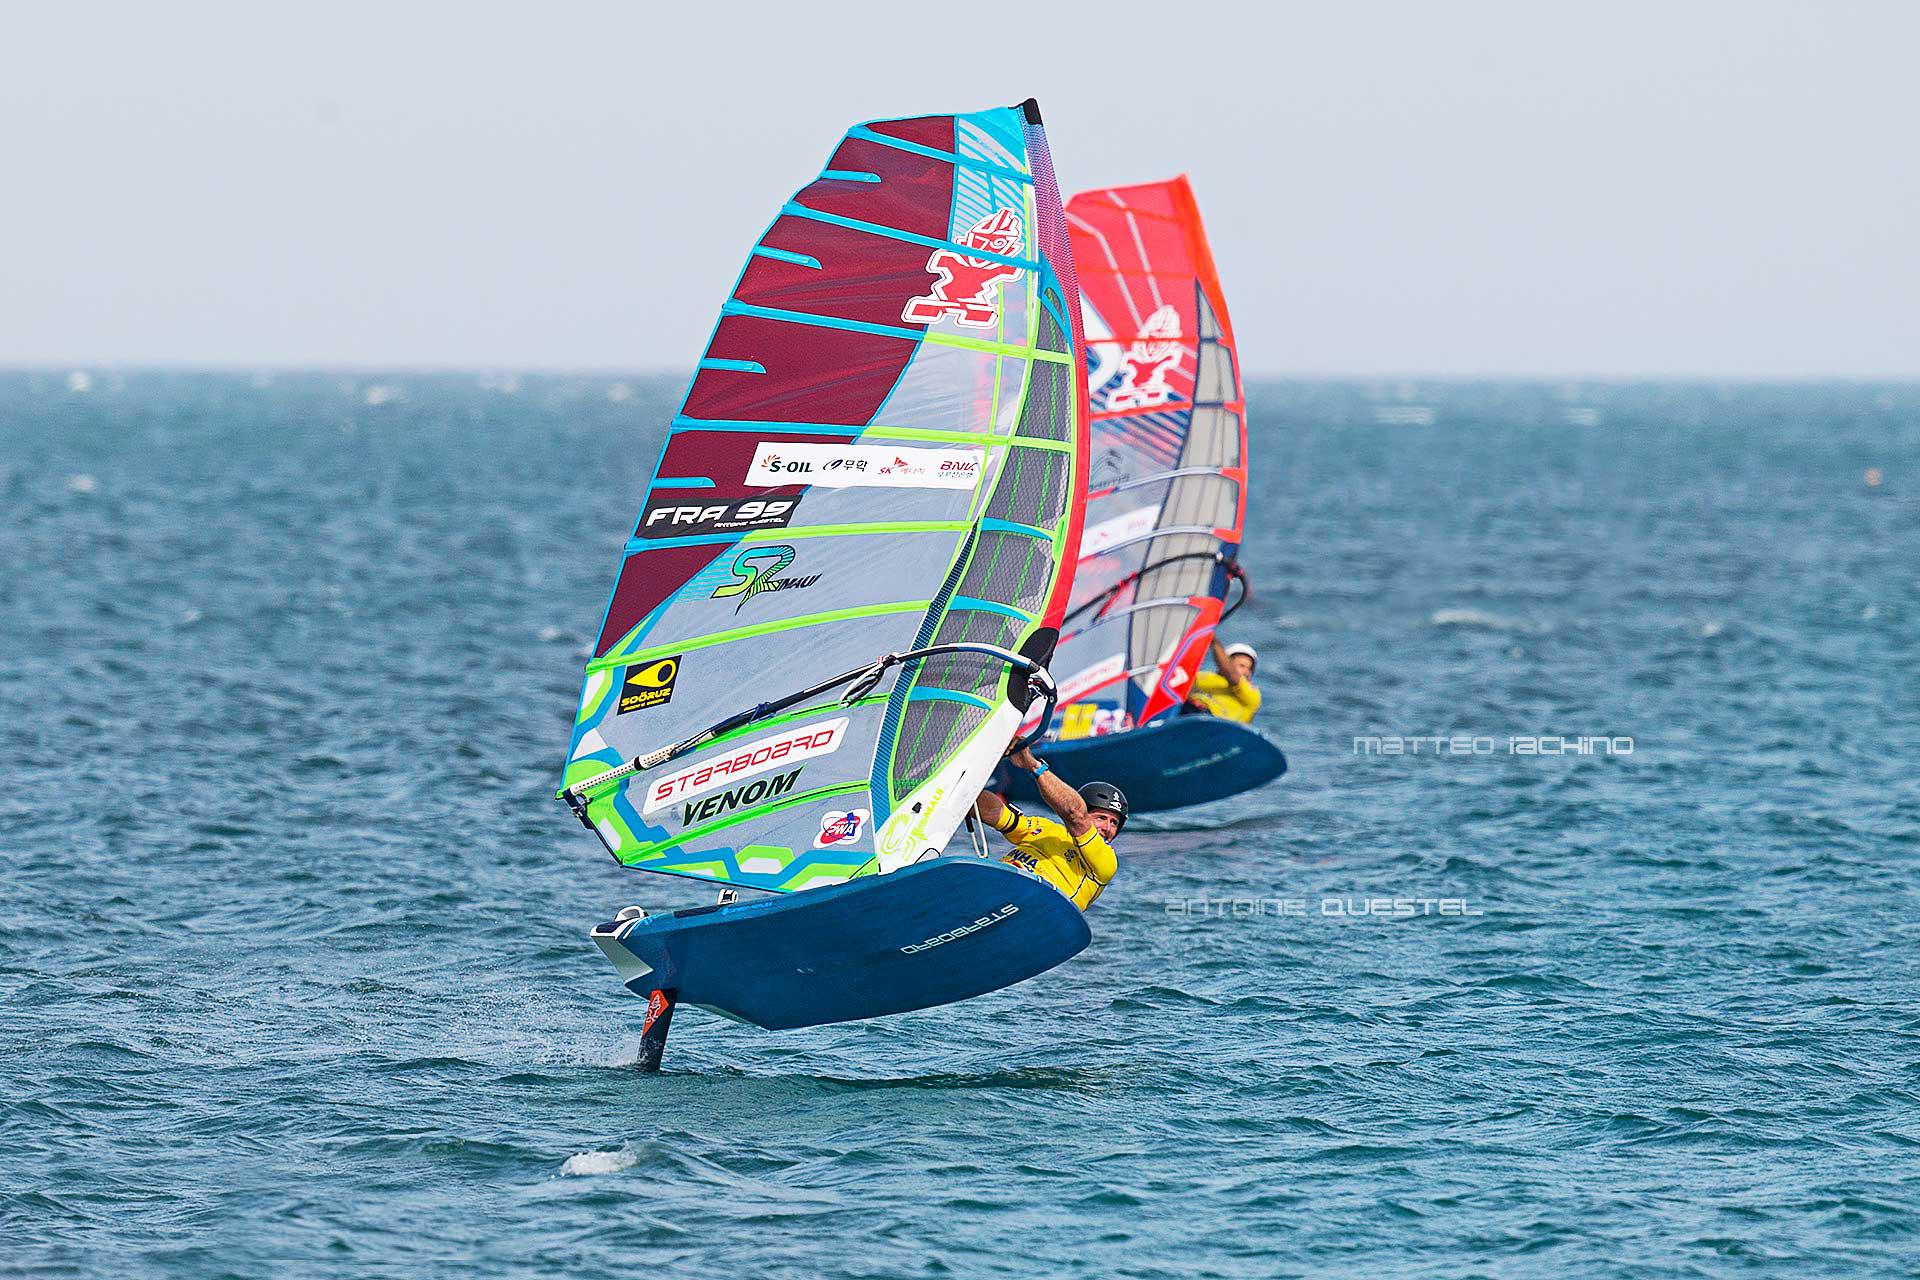 Foil Boards - Starboard Windsurfing